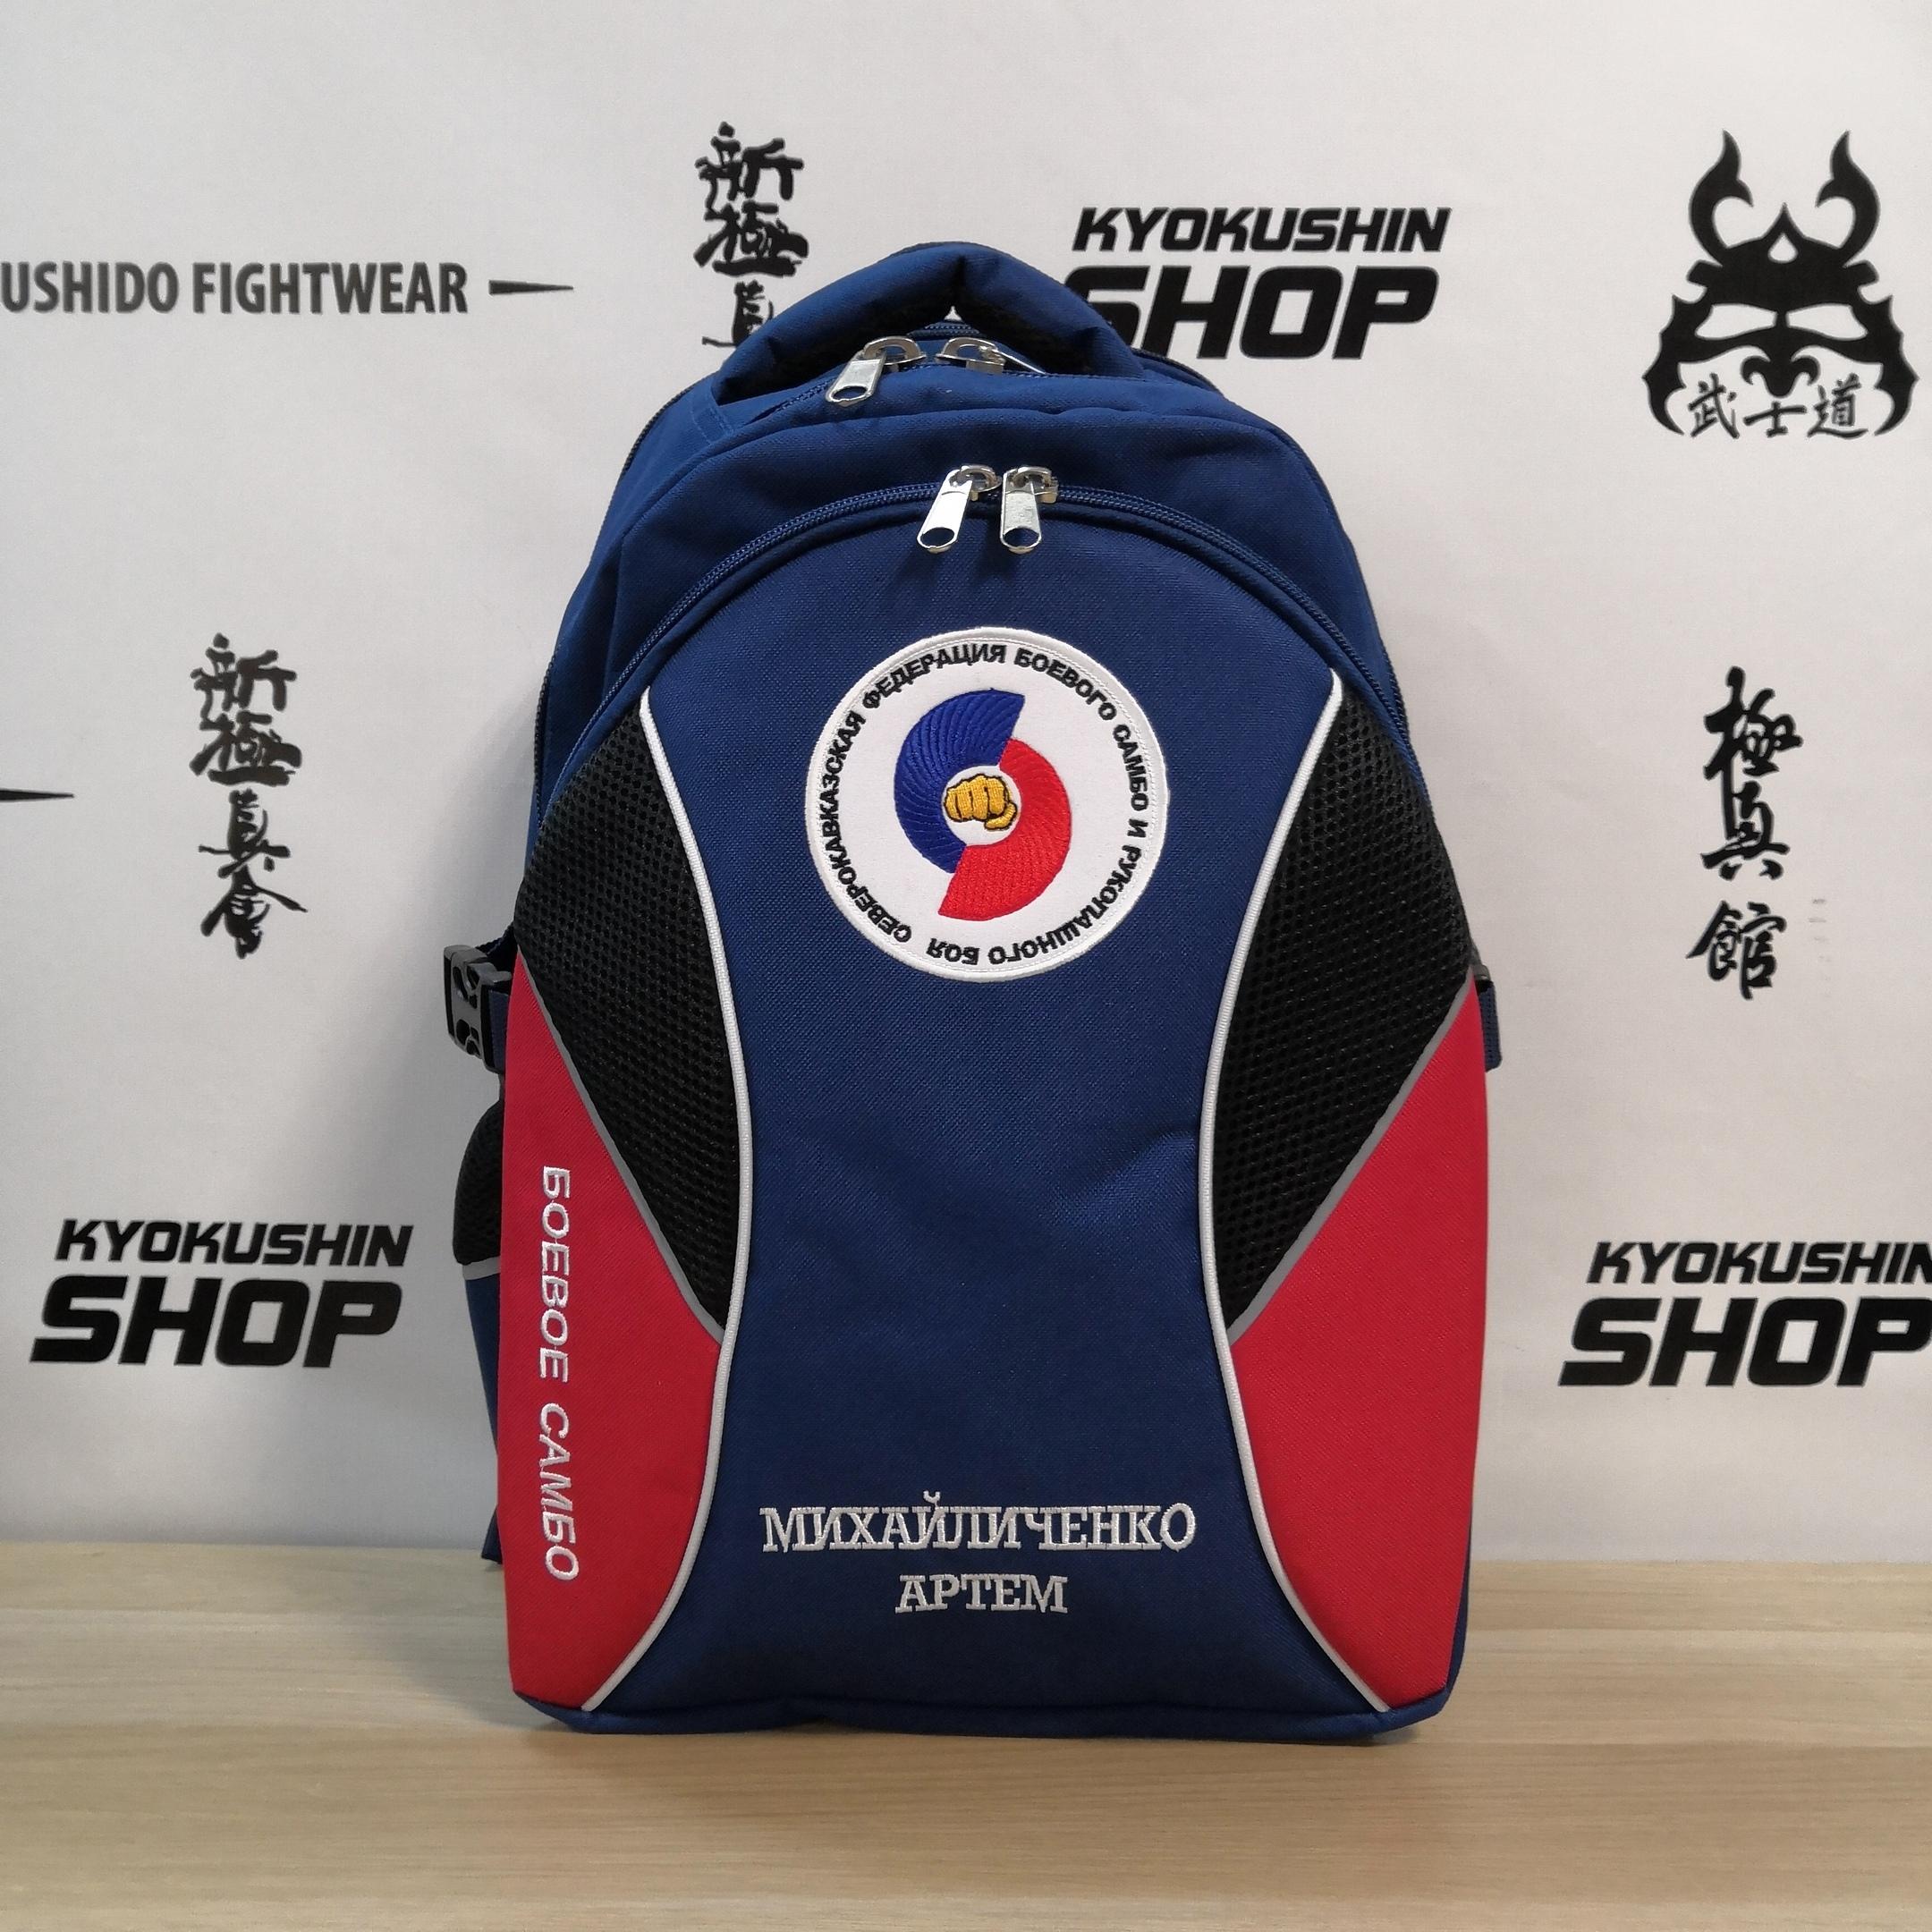 Хотите вместо стандартной символики вышить эмблему вашего клуба или федерации?